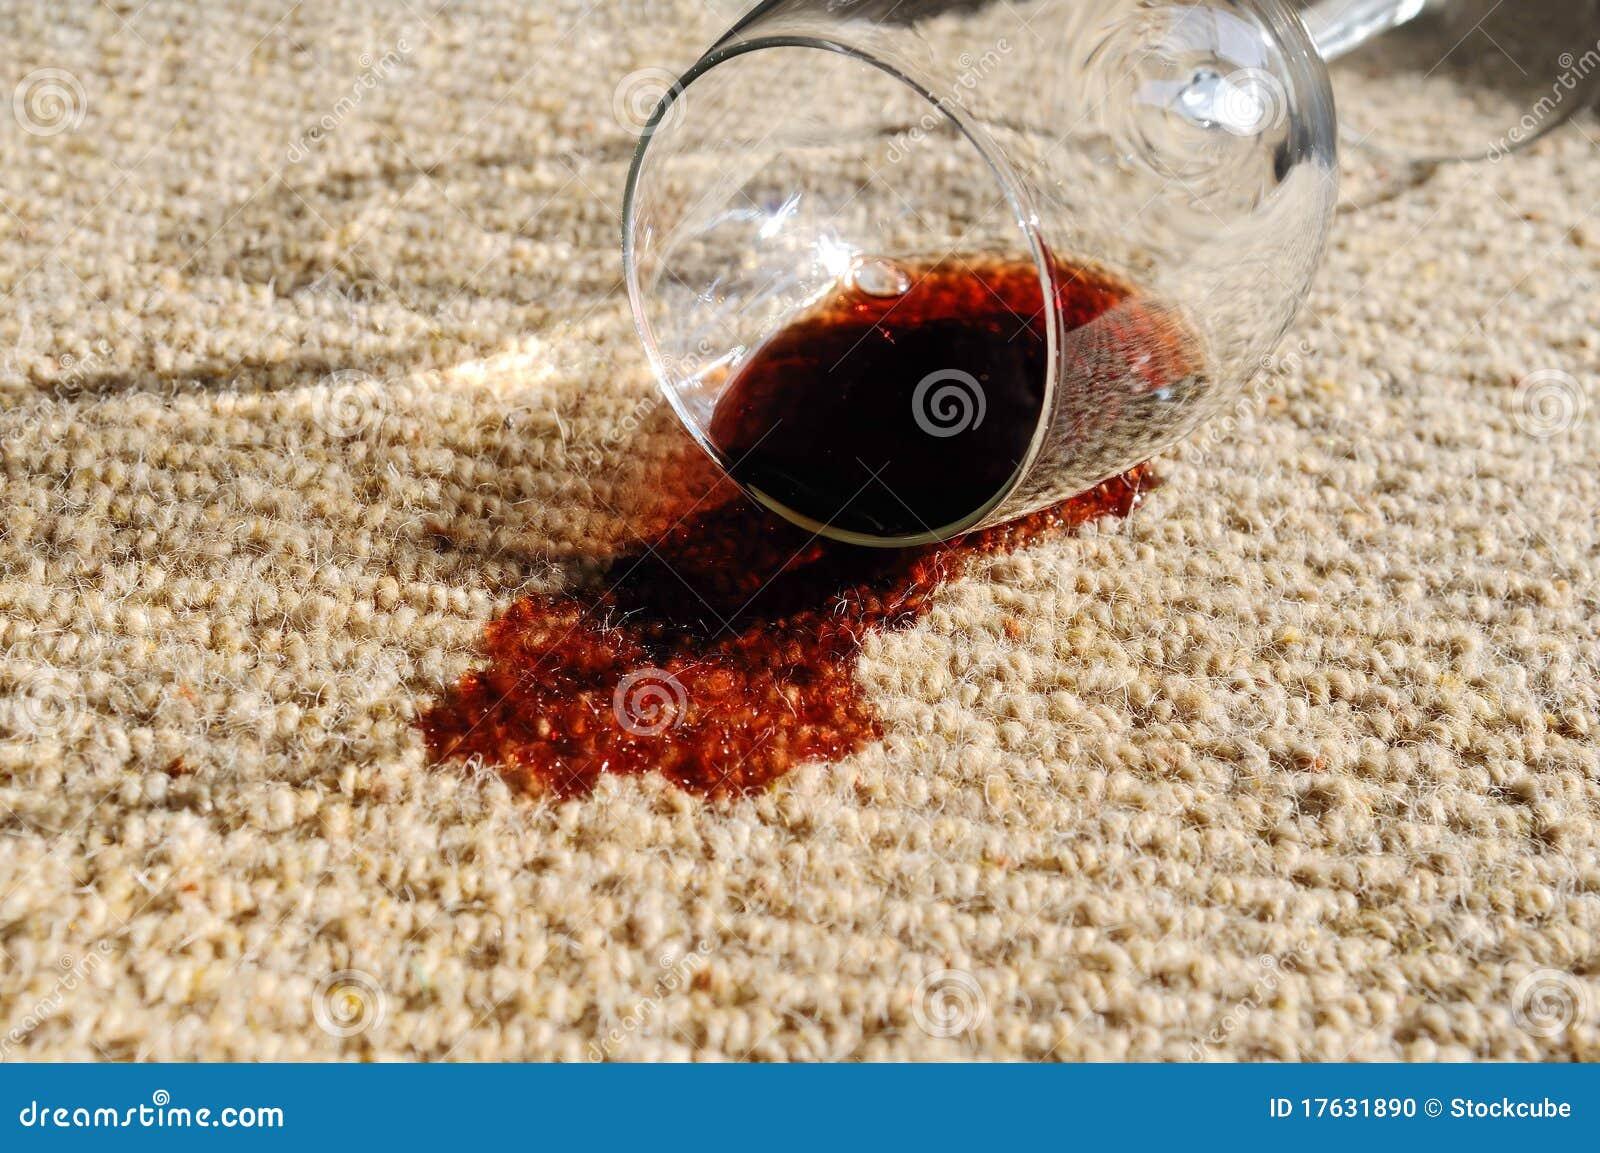 Vino derramado en la alfombra